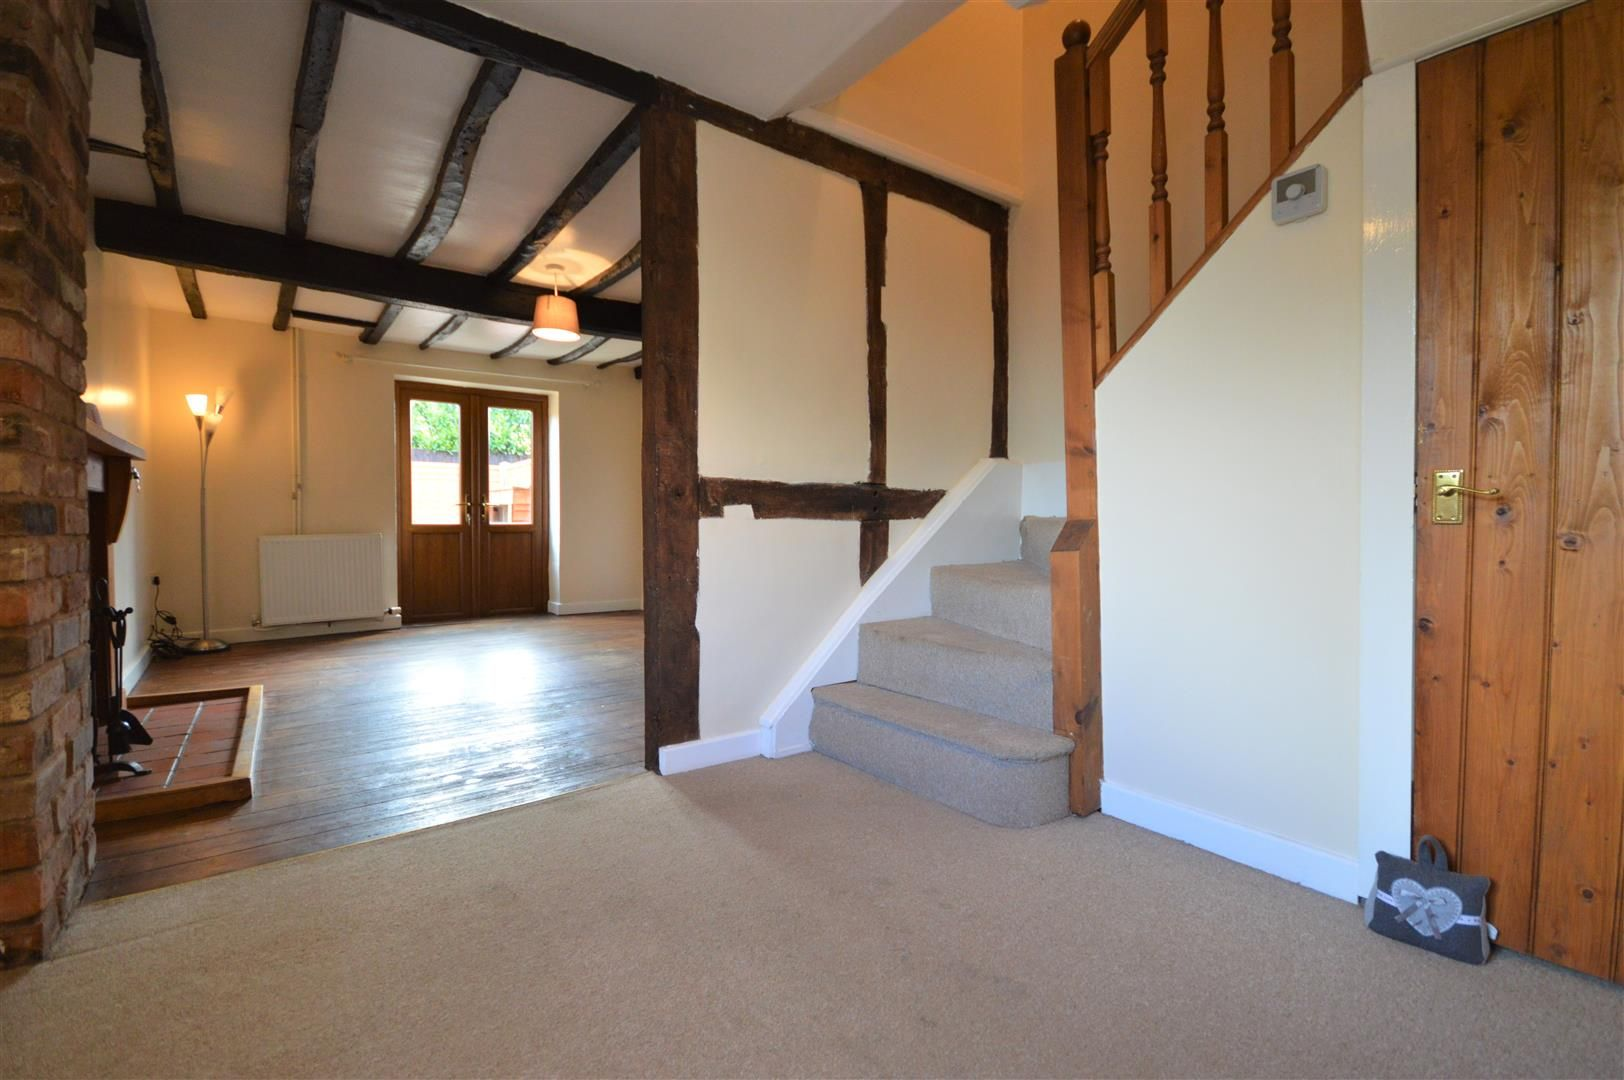 2 bed semi-detached for sale in Kingsland  - Property Image 3